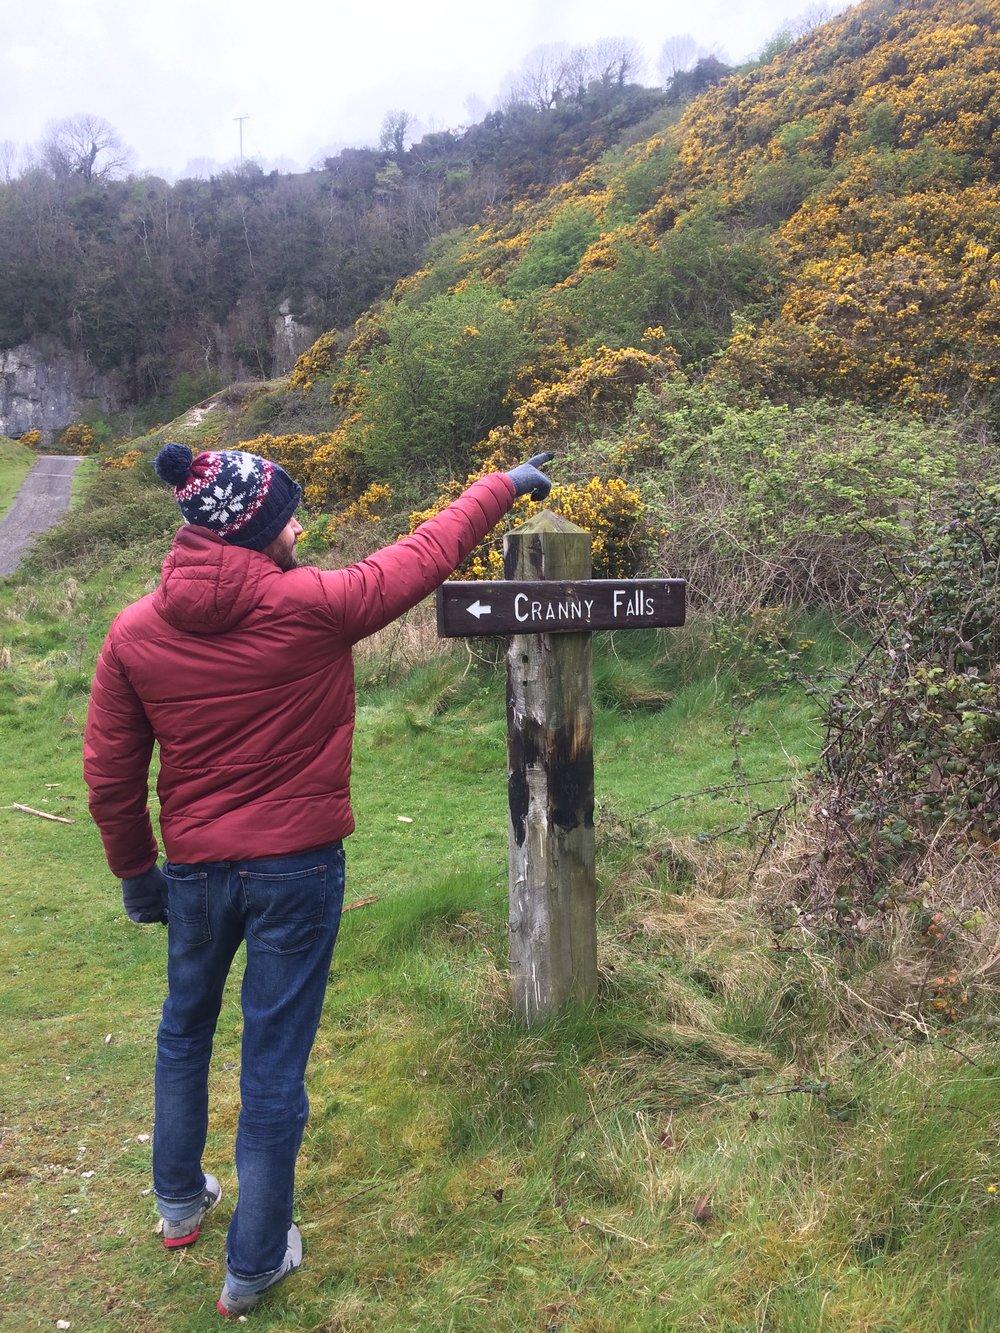 carnlough_cranny_falls_antrim_northern_ireland_niexplorer_ni_explorer.jpg